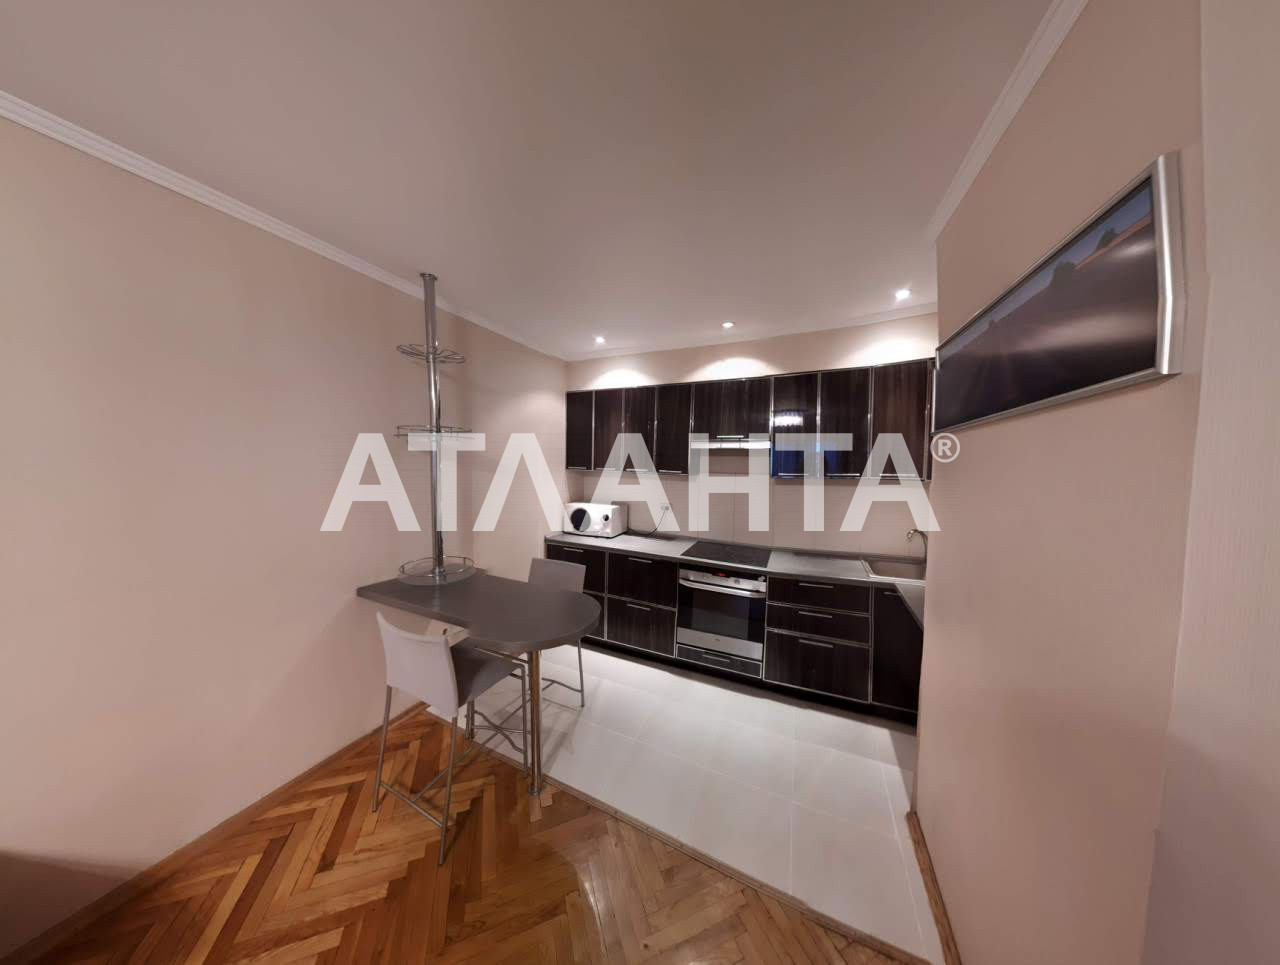 Продается 2-комнатная Квартира на ул. Просп. Голосеевский (40-Летия Октября) — 68 000 у.е. (фото №3)